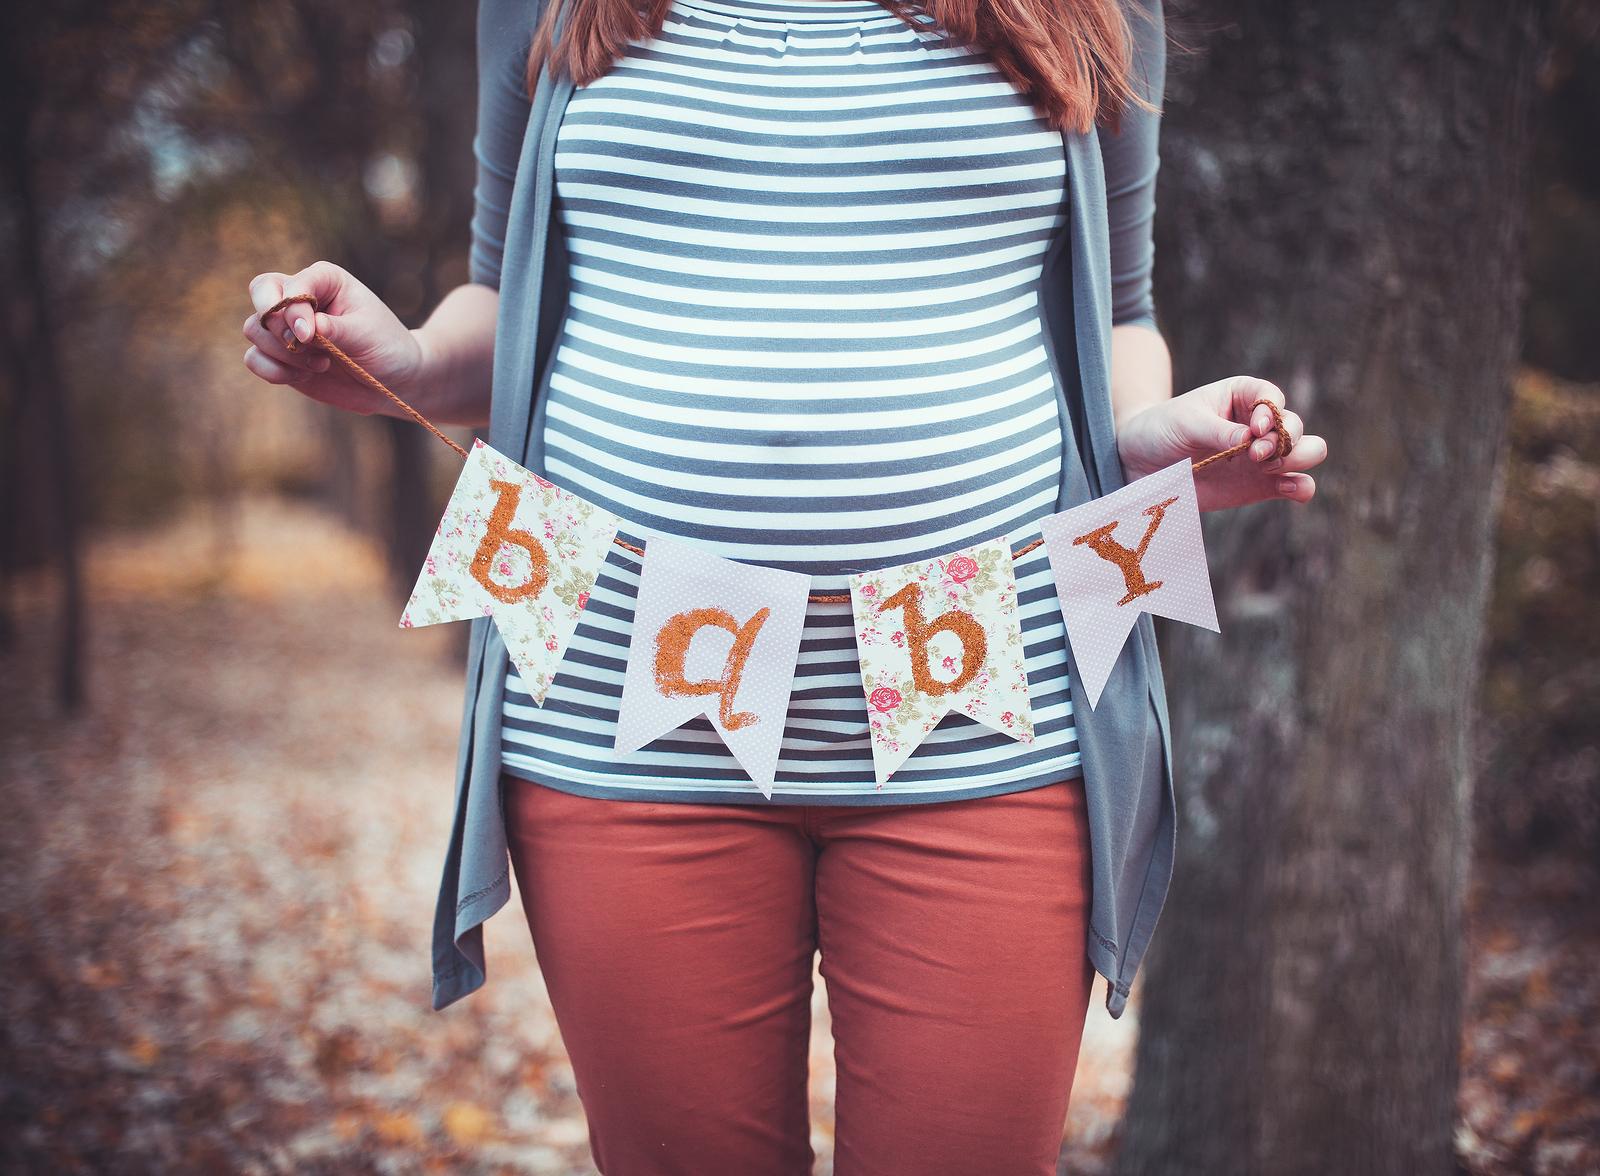 Babybauch Wann Sehe Ich Schwanger Aus Alle Ssw Im Uberblick